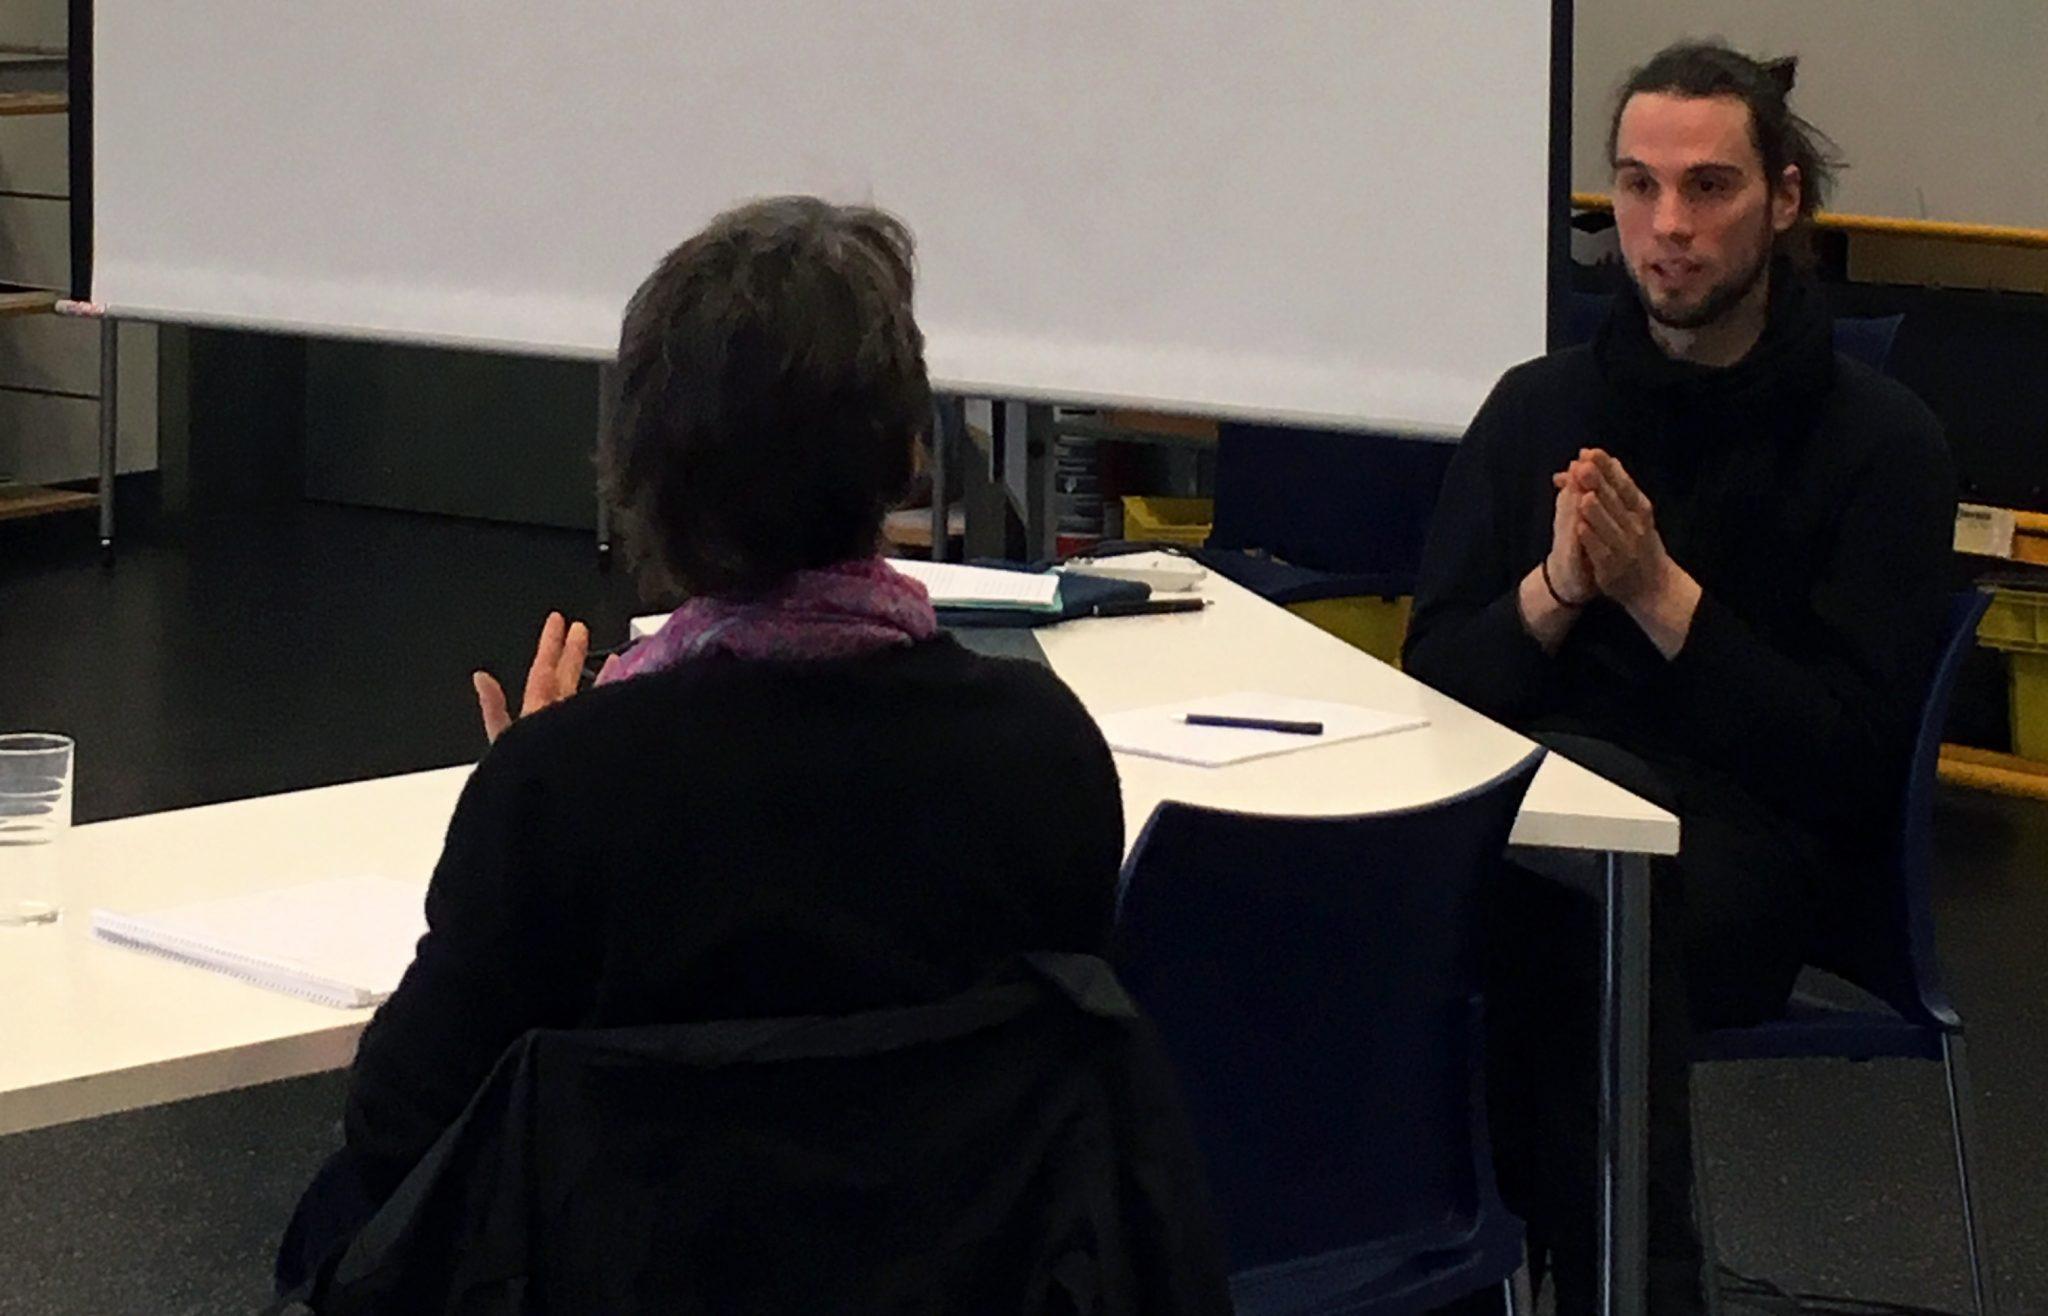 """Thorsten Merl von der Universität zu Köln im Gespräch zur gemeinsamen Materialdiskussion mit einer Teilnehmerin der Forschungswerkstatt """"Rekonstruktive Inklusions- und Differenzforschung"""""""